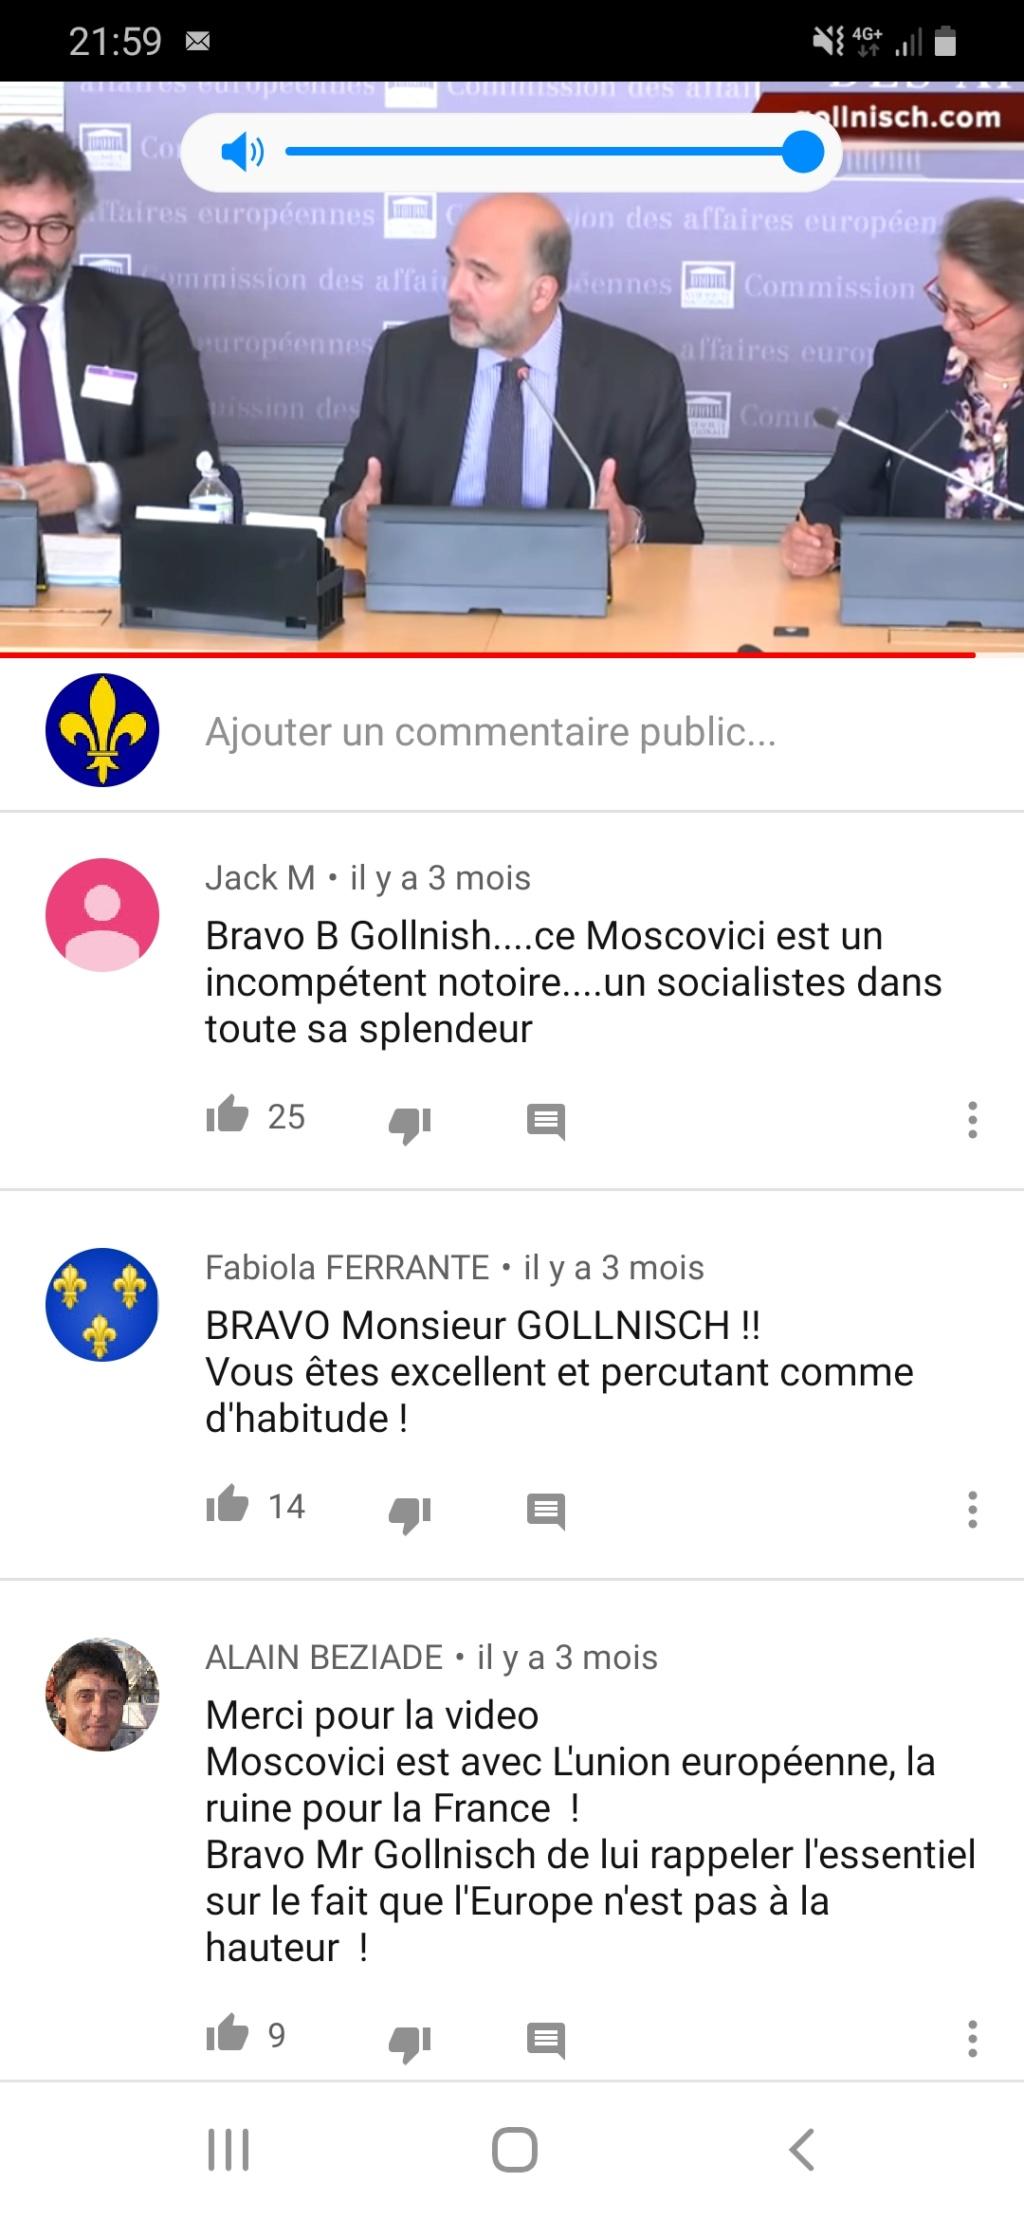 Marine Le Pen prochain président de la France ? - Page 2 Screen23